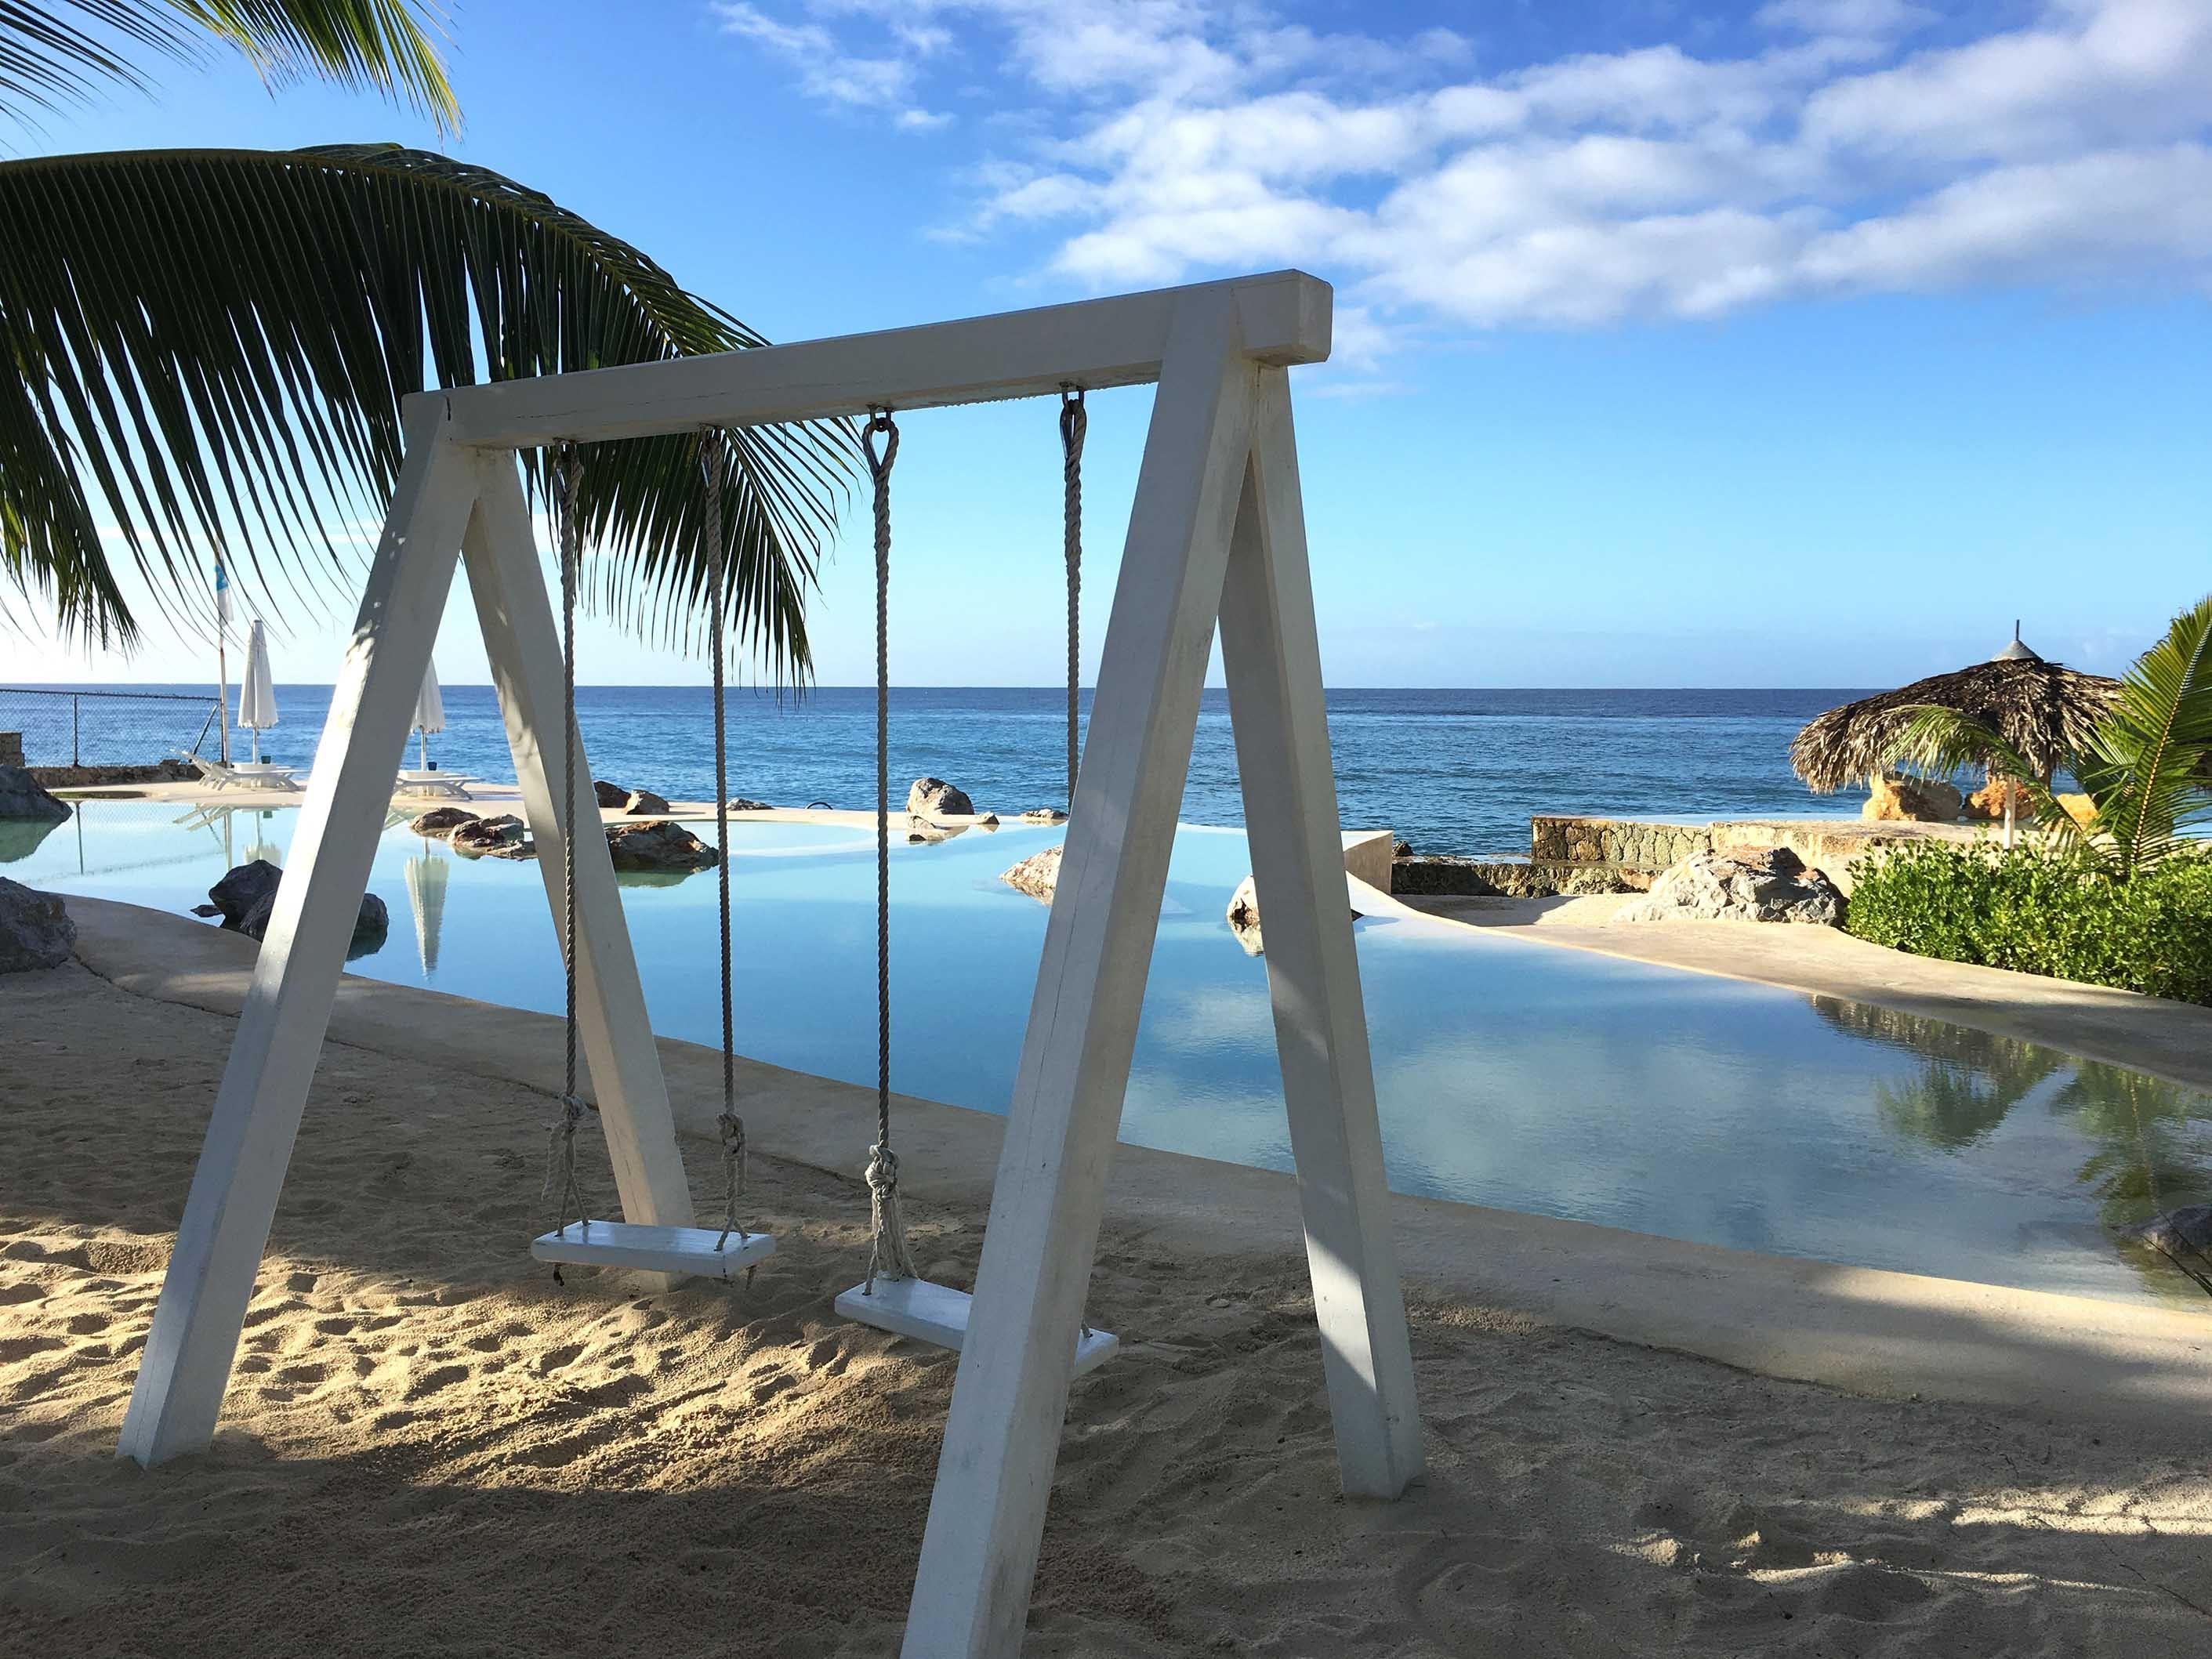 Tracadero, reflection of paradise - مجموعه های توریستی